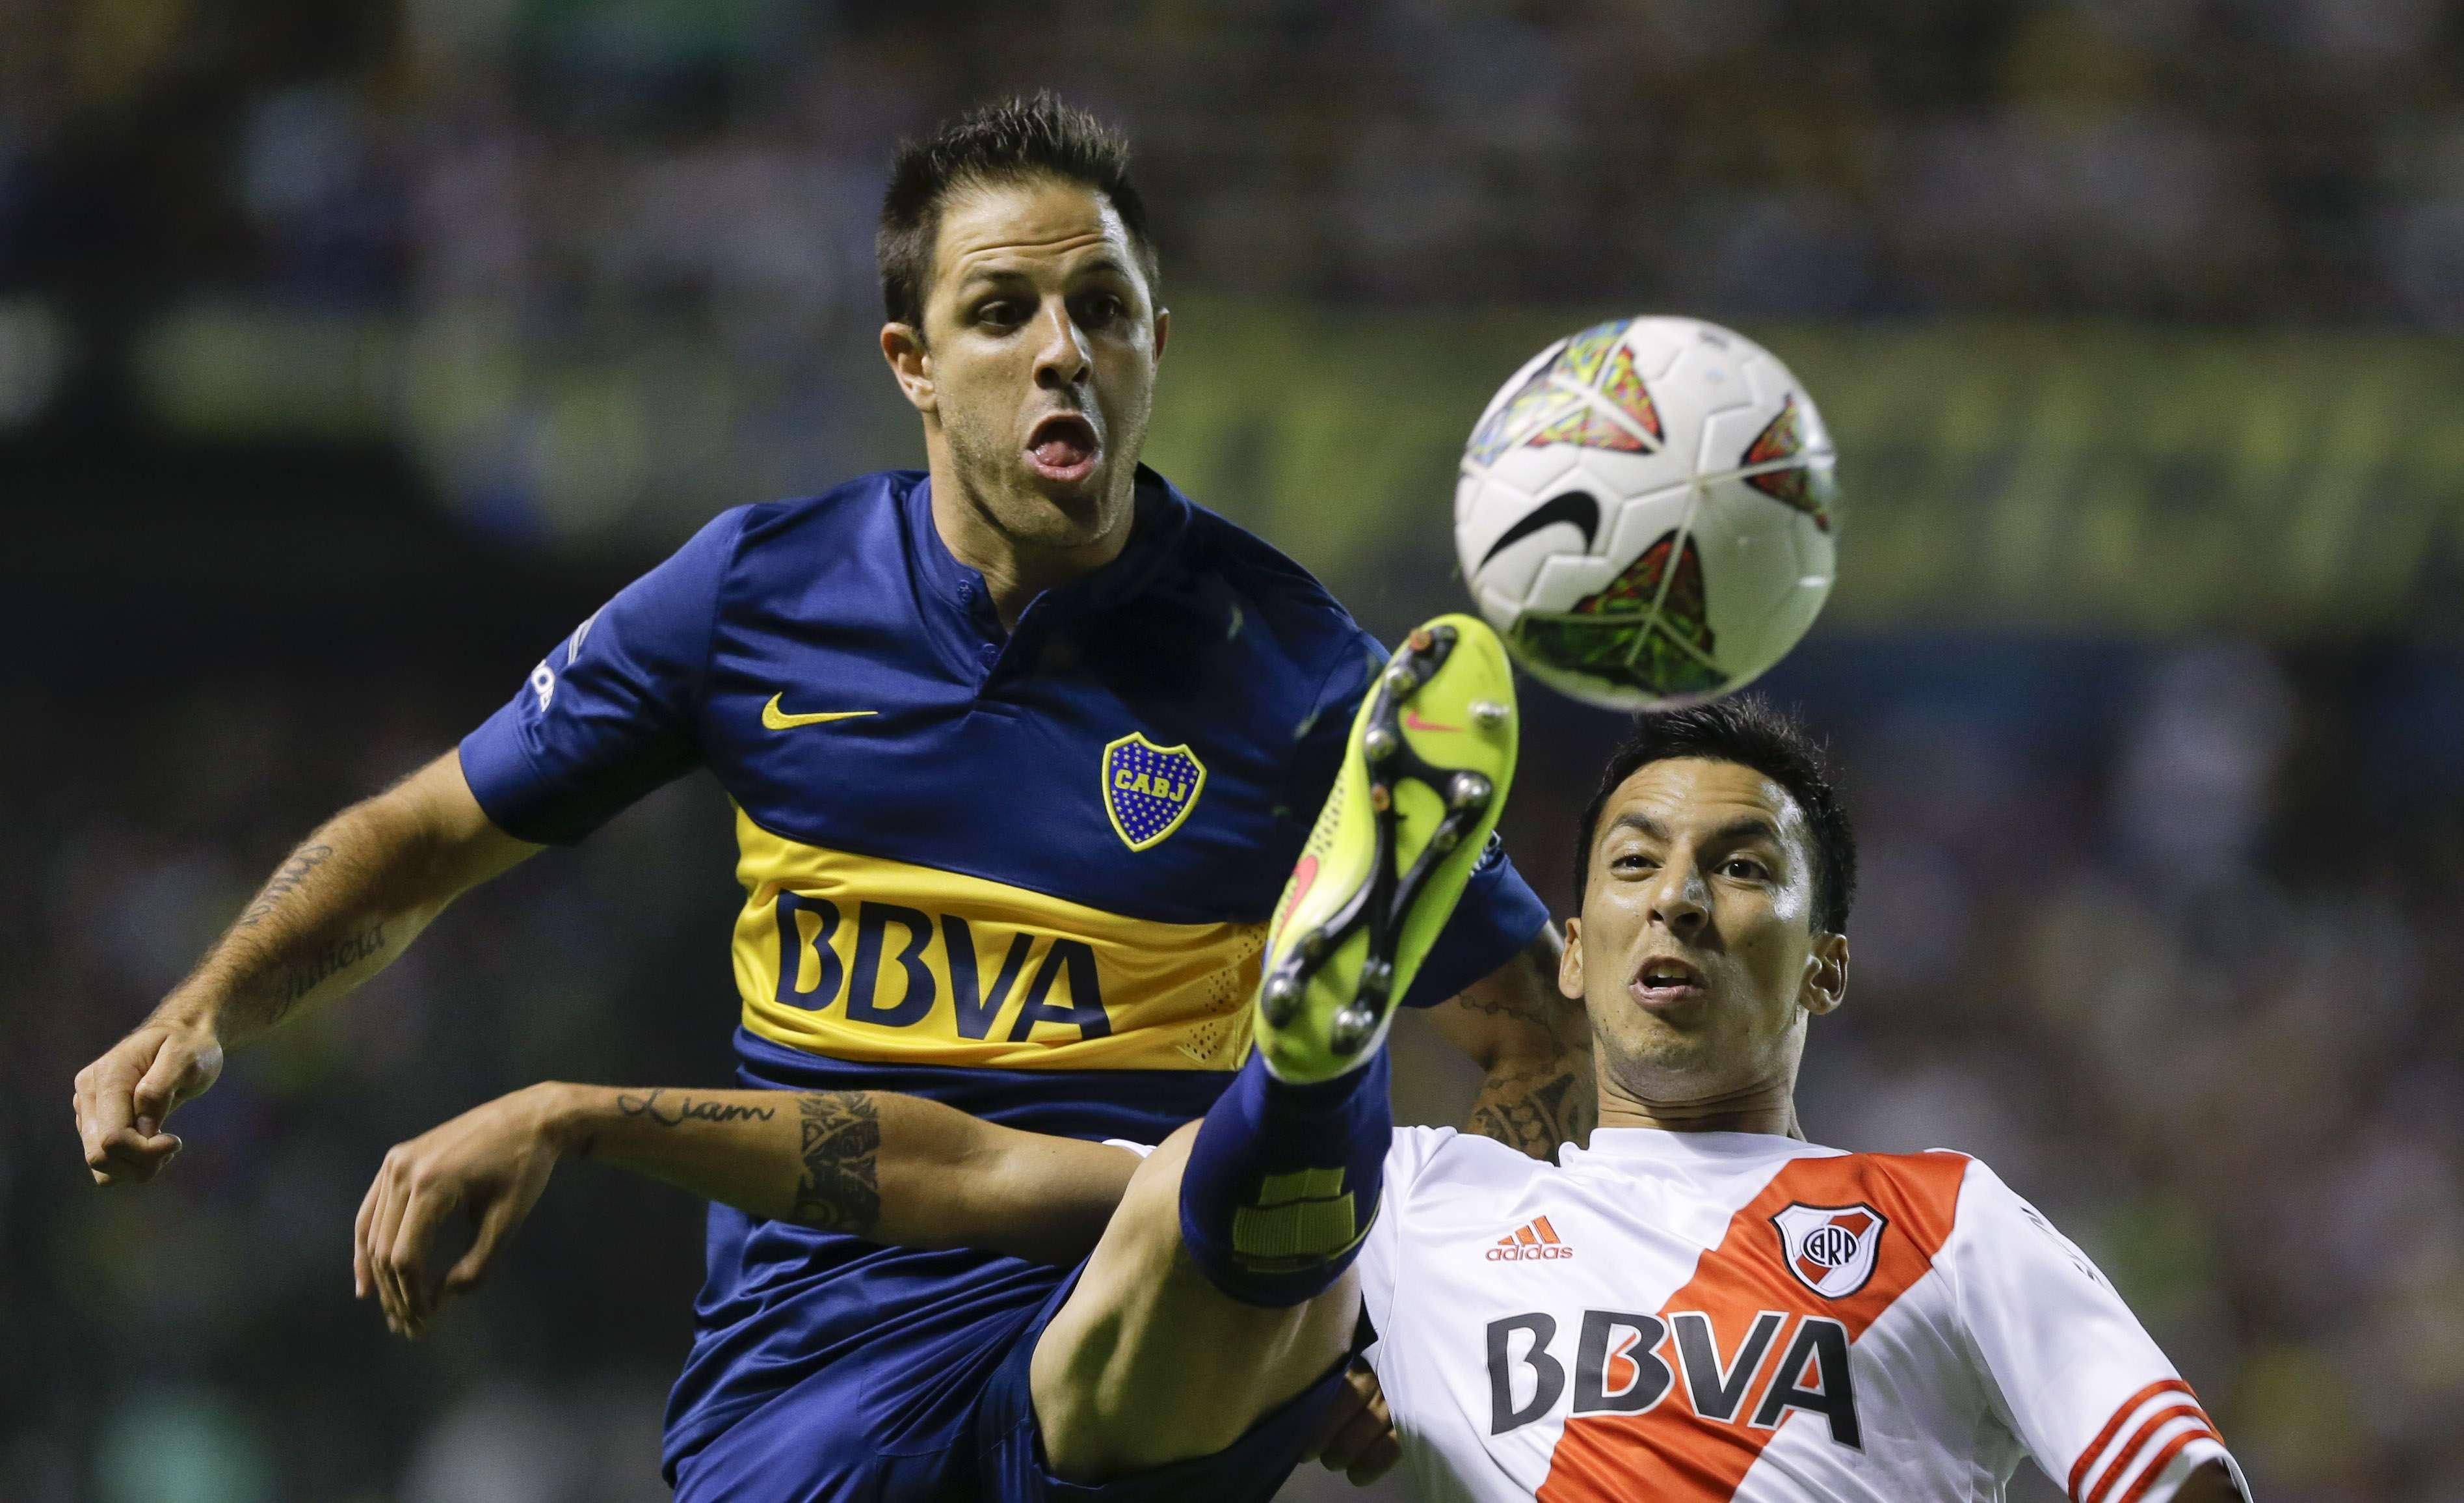 Martínez salió lesionado tras la patada de Vangioni. Foto: AFP en español